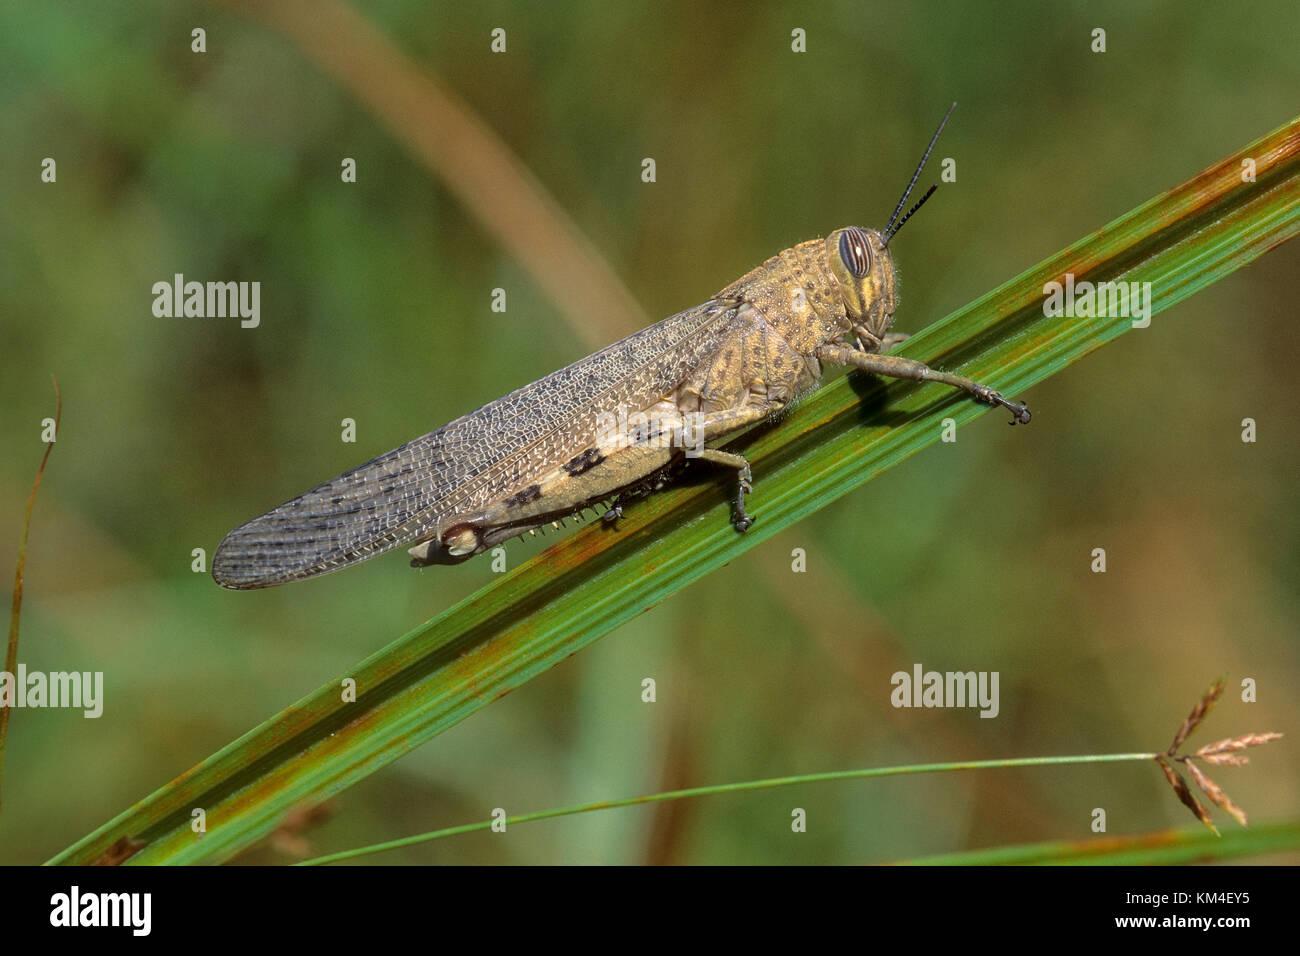 Ägyptische Wanderheuschrecke, Ägyptische Heuschrecke, Ägyptische Knarrschrecke, Anacridium aegyptium, - Stock Image